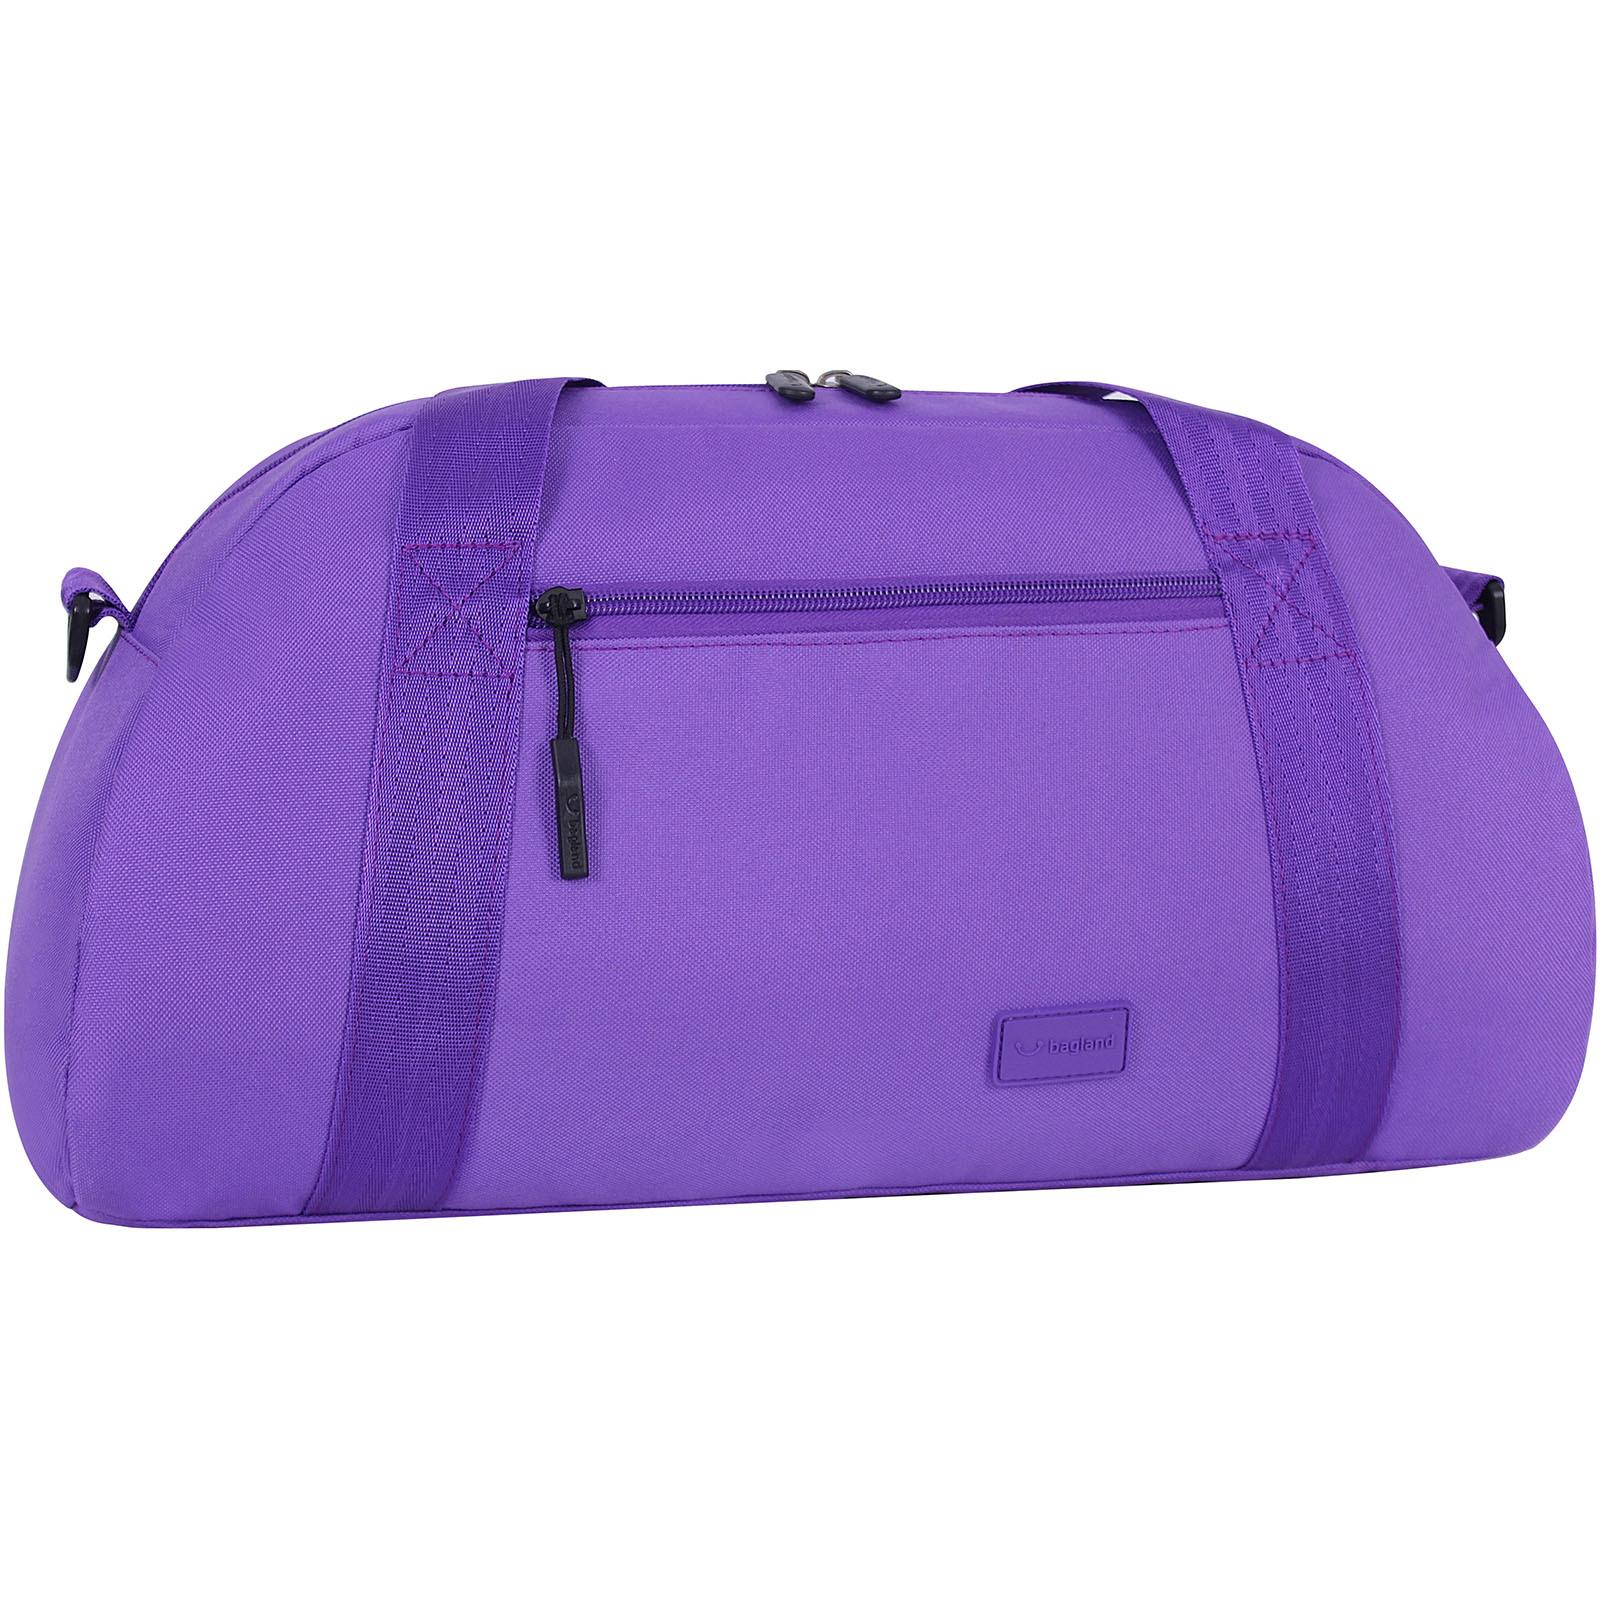 Сумка Bagland Oblivion 27 л. 339 Фиолетовый (0037366) фото 1